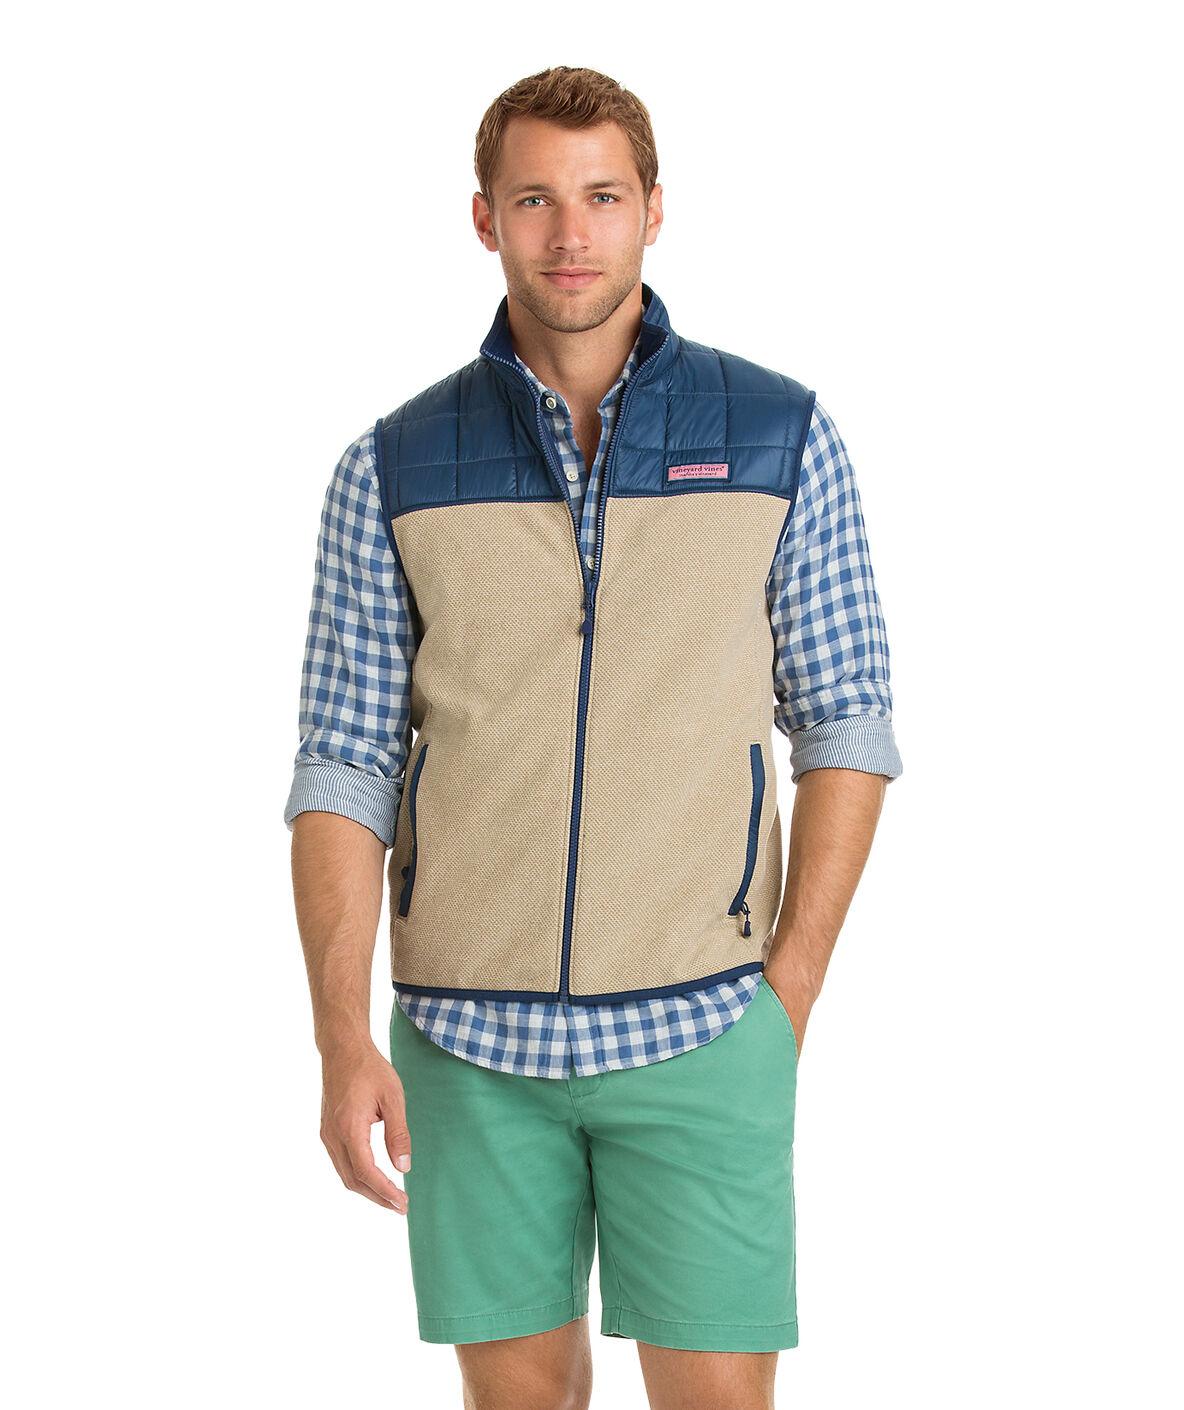 Shop Jacquard Fleece Vest at vineyard vines